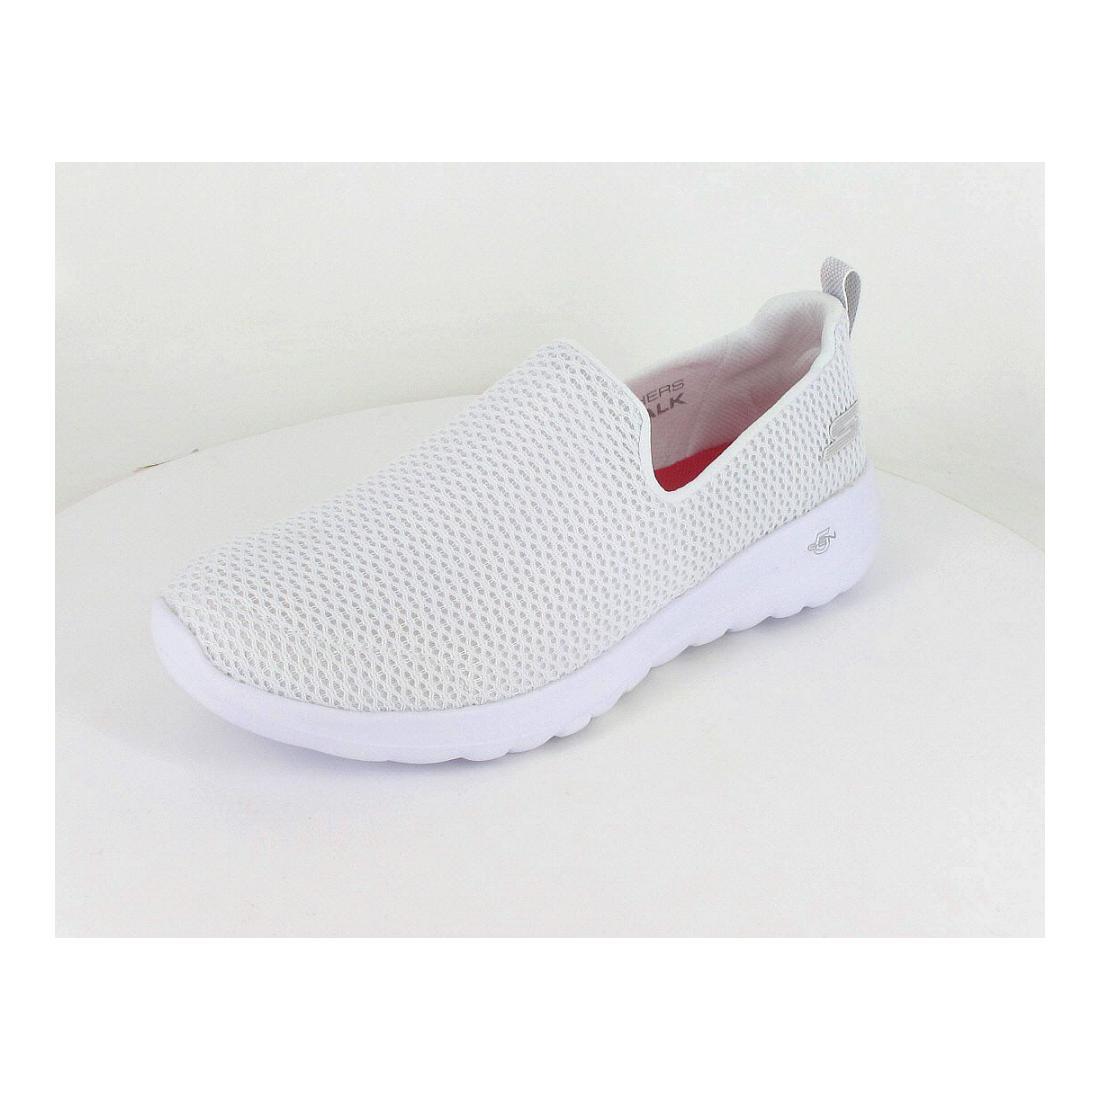 Skechers Sneaker WHT